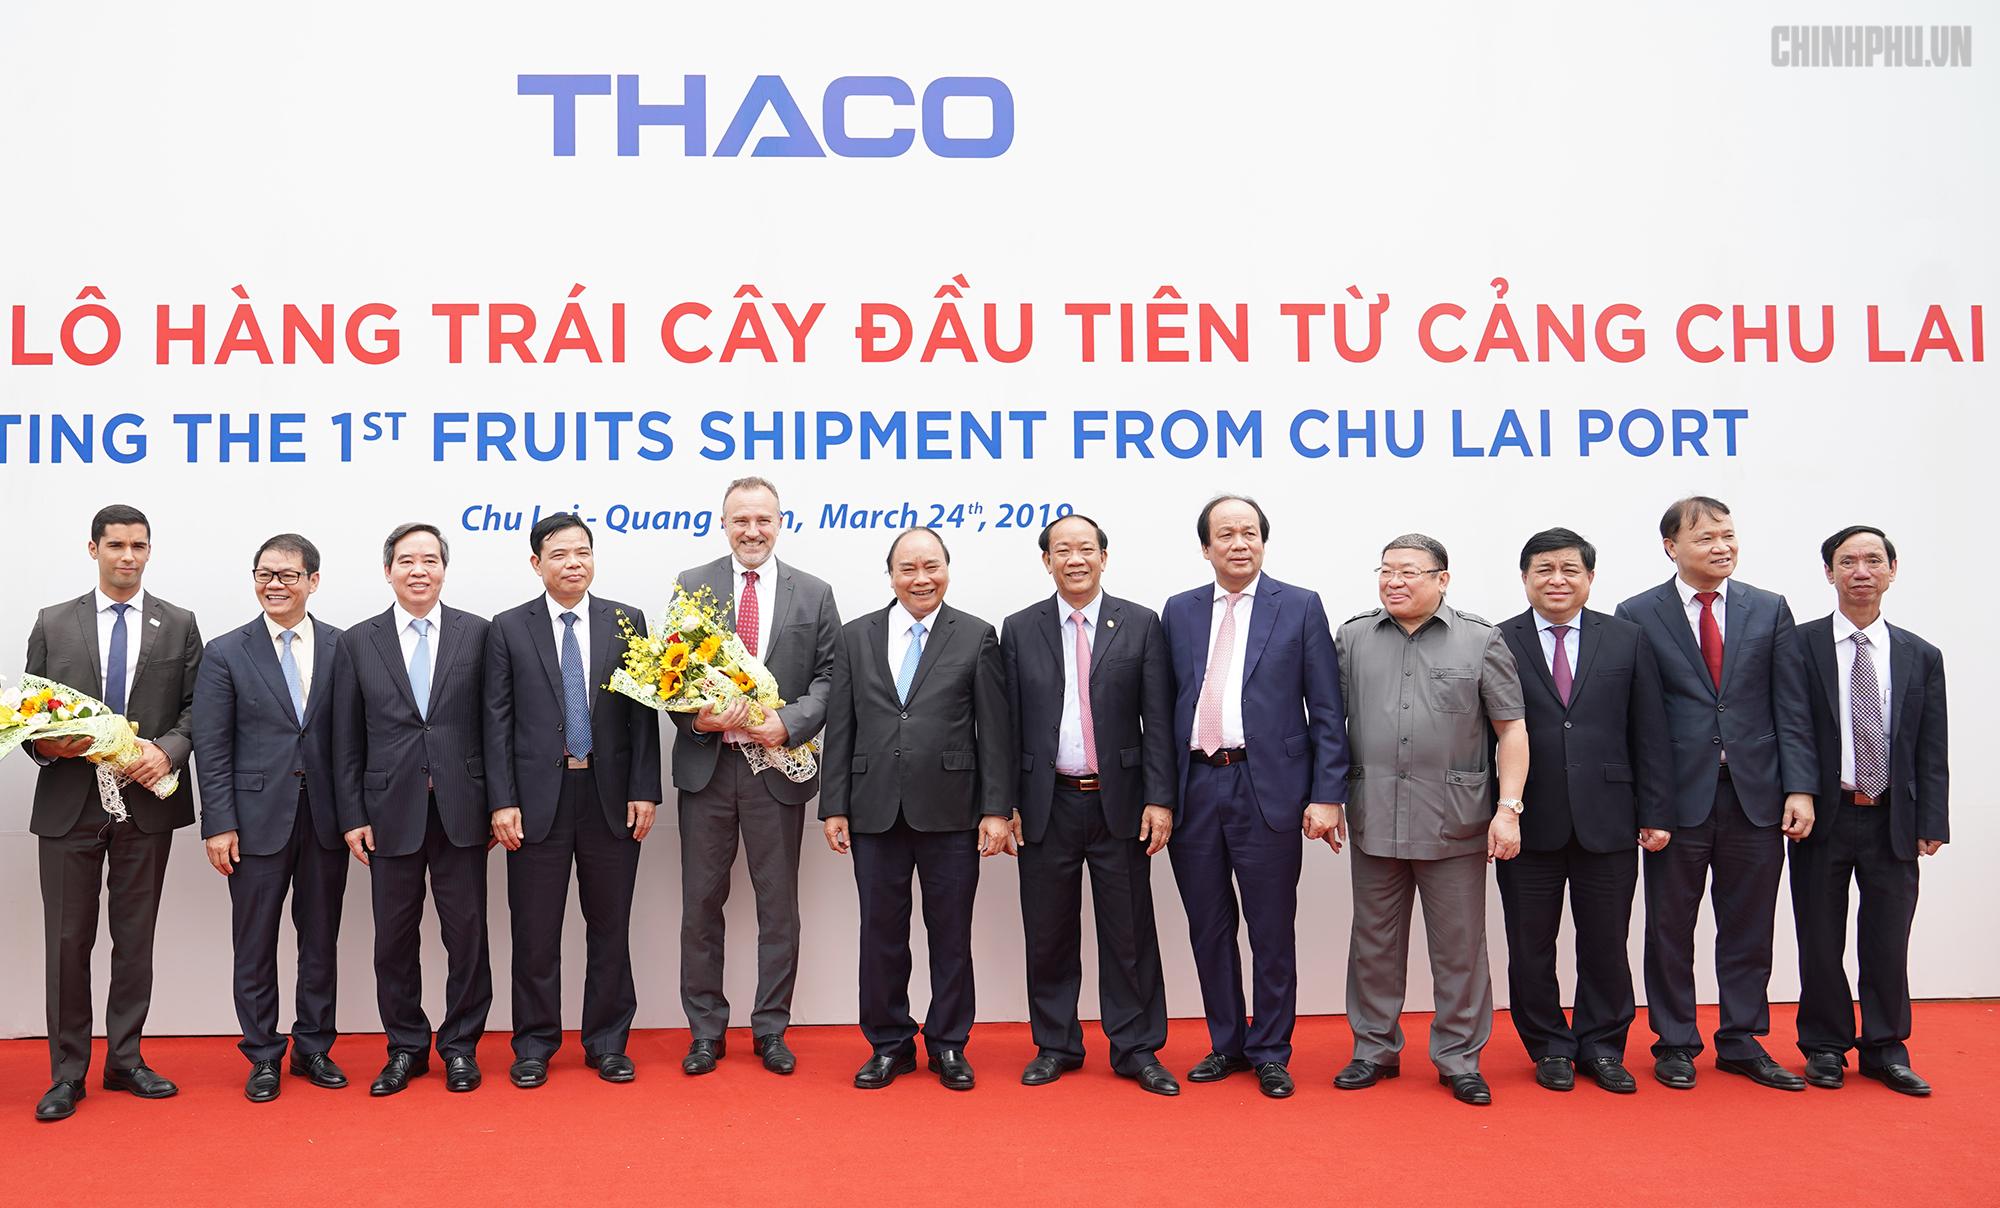 Thủ tướng chỉ ra 6 bài học thành công của Chu Lai